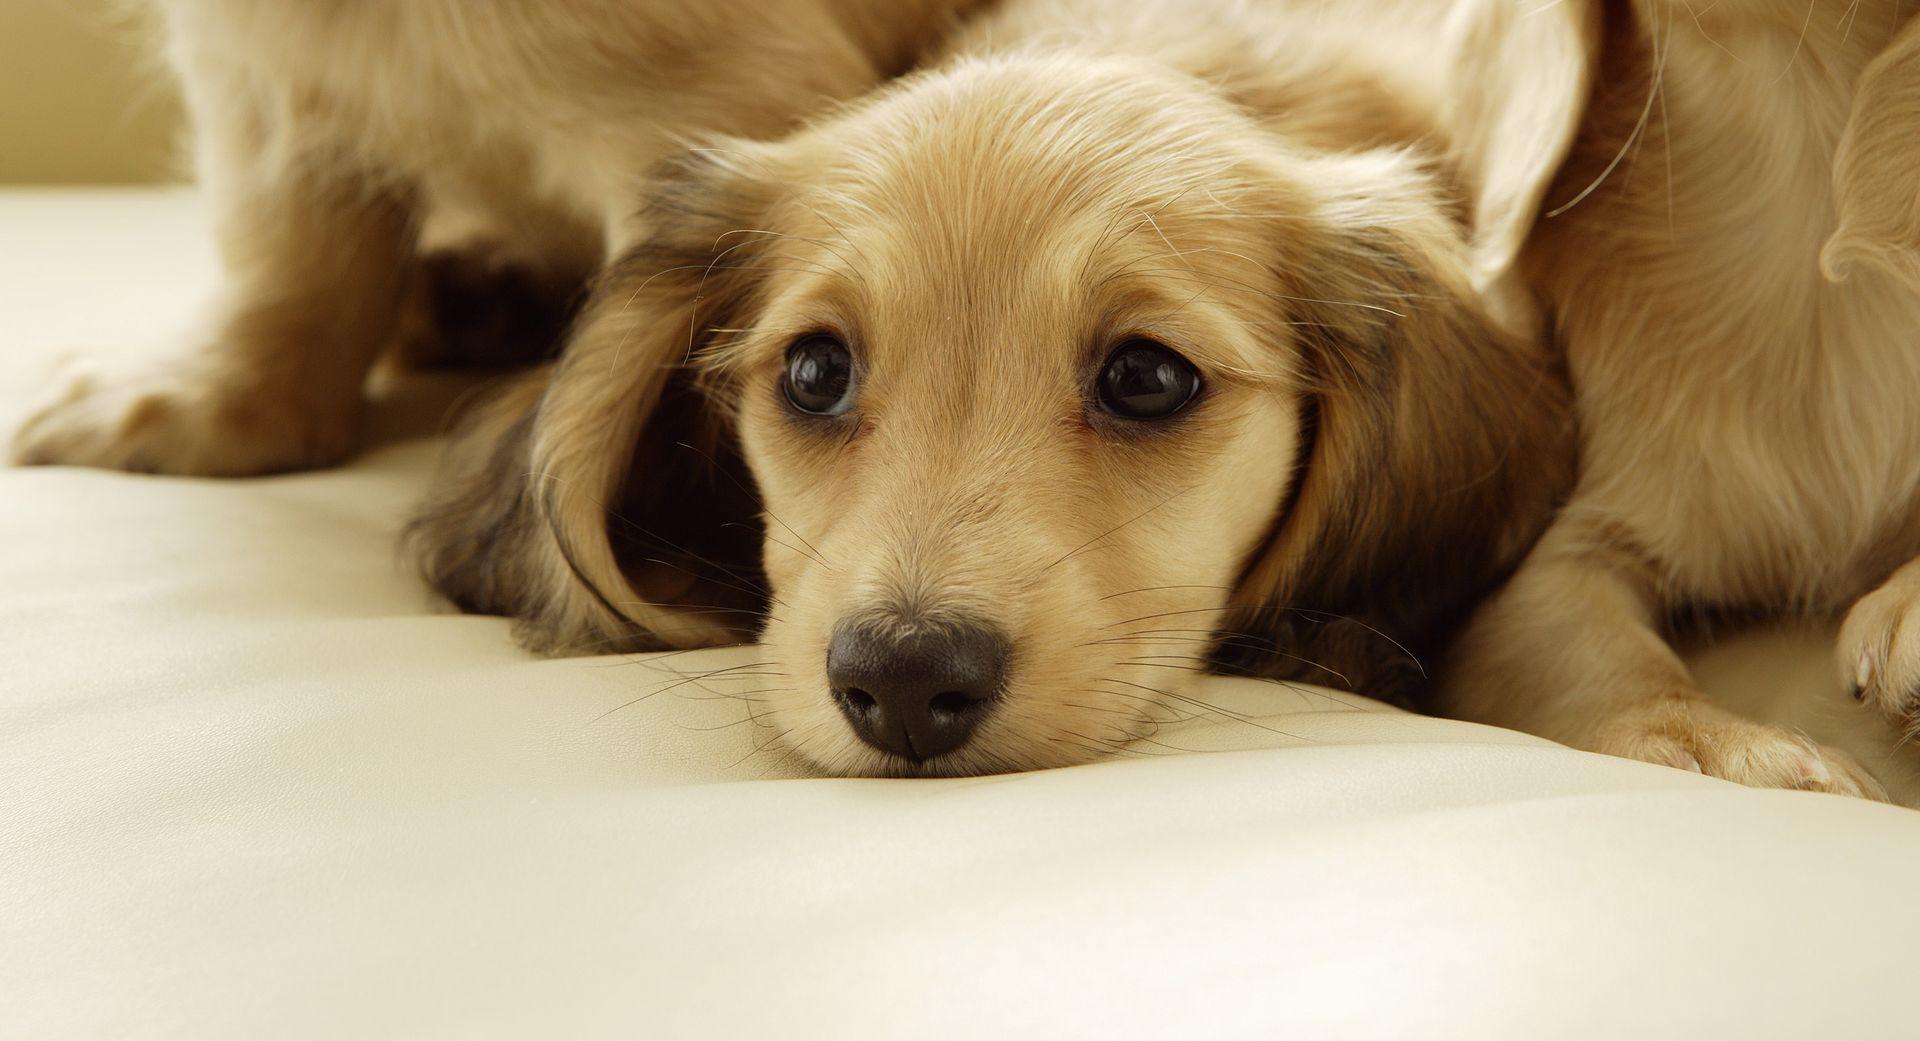 Teckel jolie poil long fonds d 39 cran les plus belles - Enlever poil de chien voiture ...